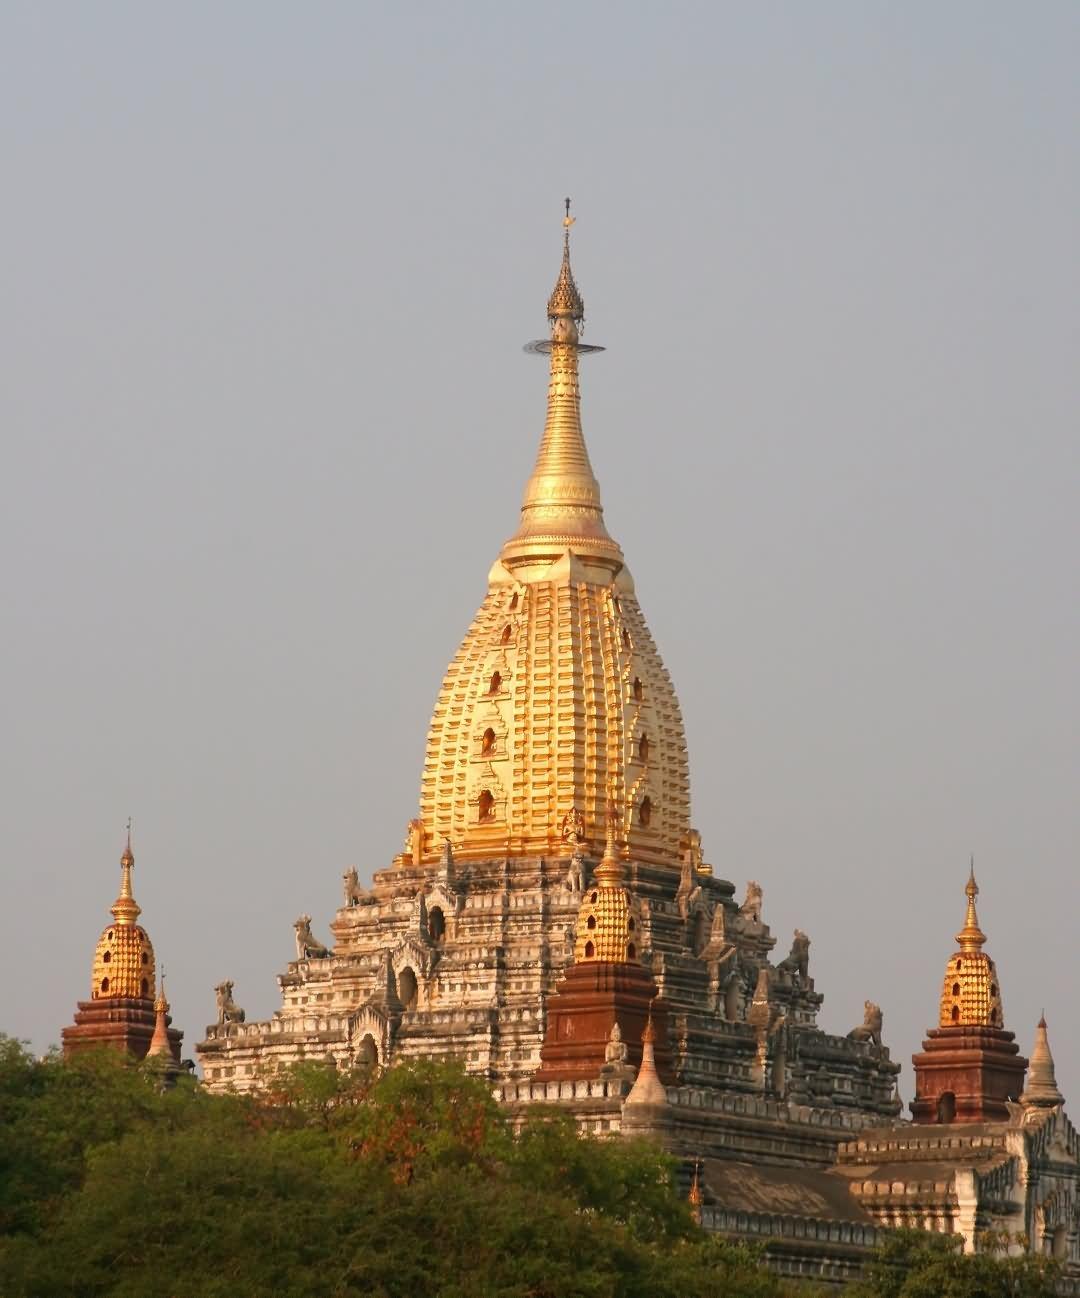 Beautiful Picture Of Ancient Ananda Temple In Bagan, Myanmar